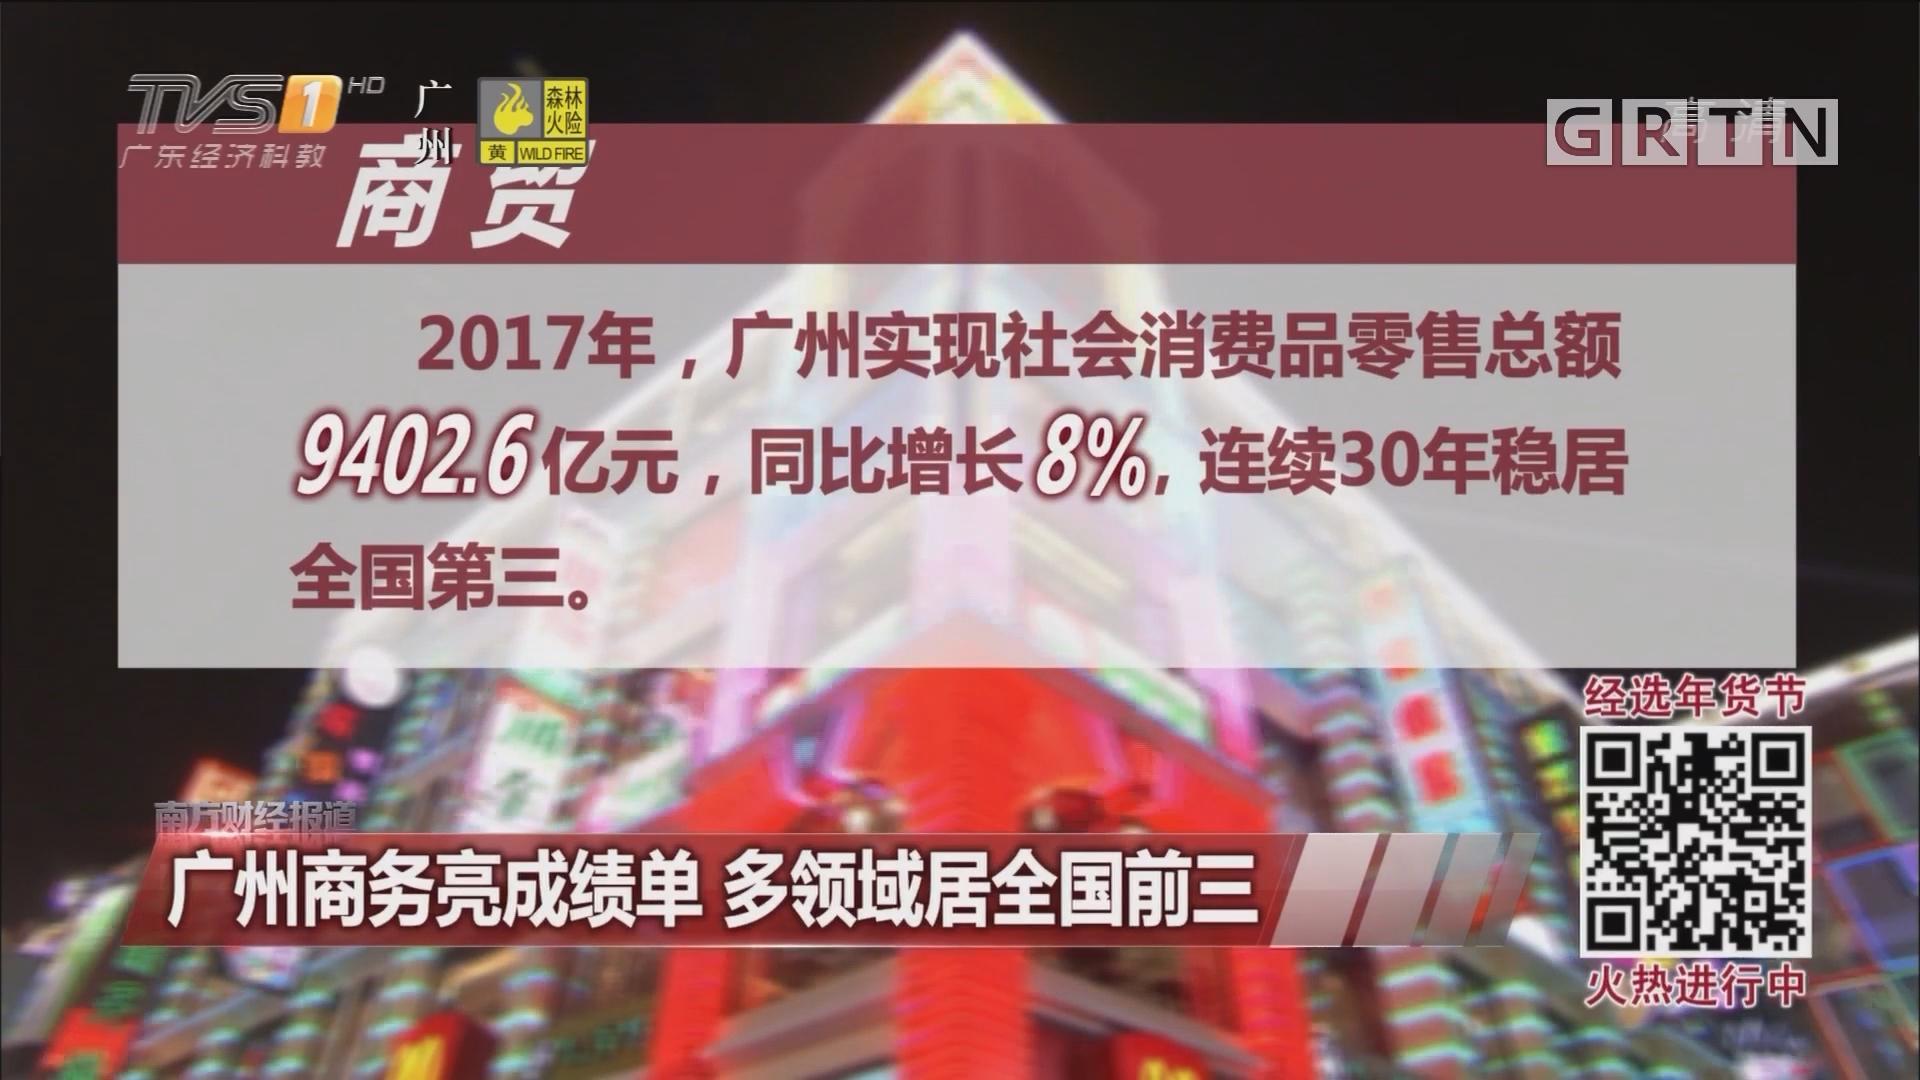 广州商务亮成绩单 多领域居全国前三